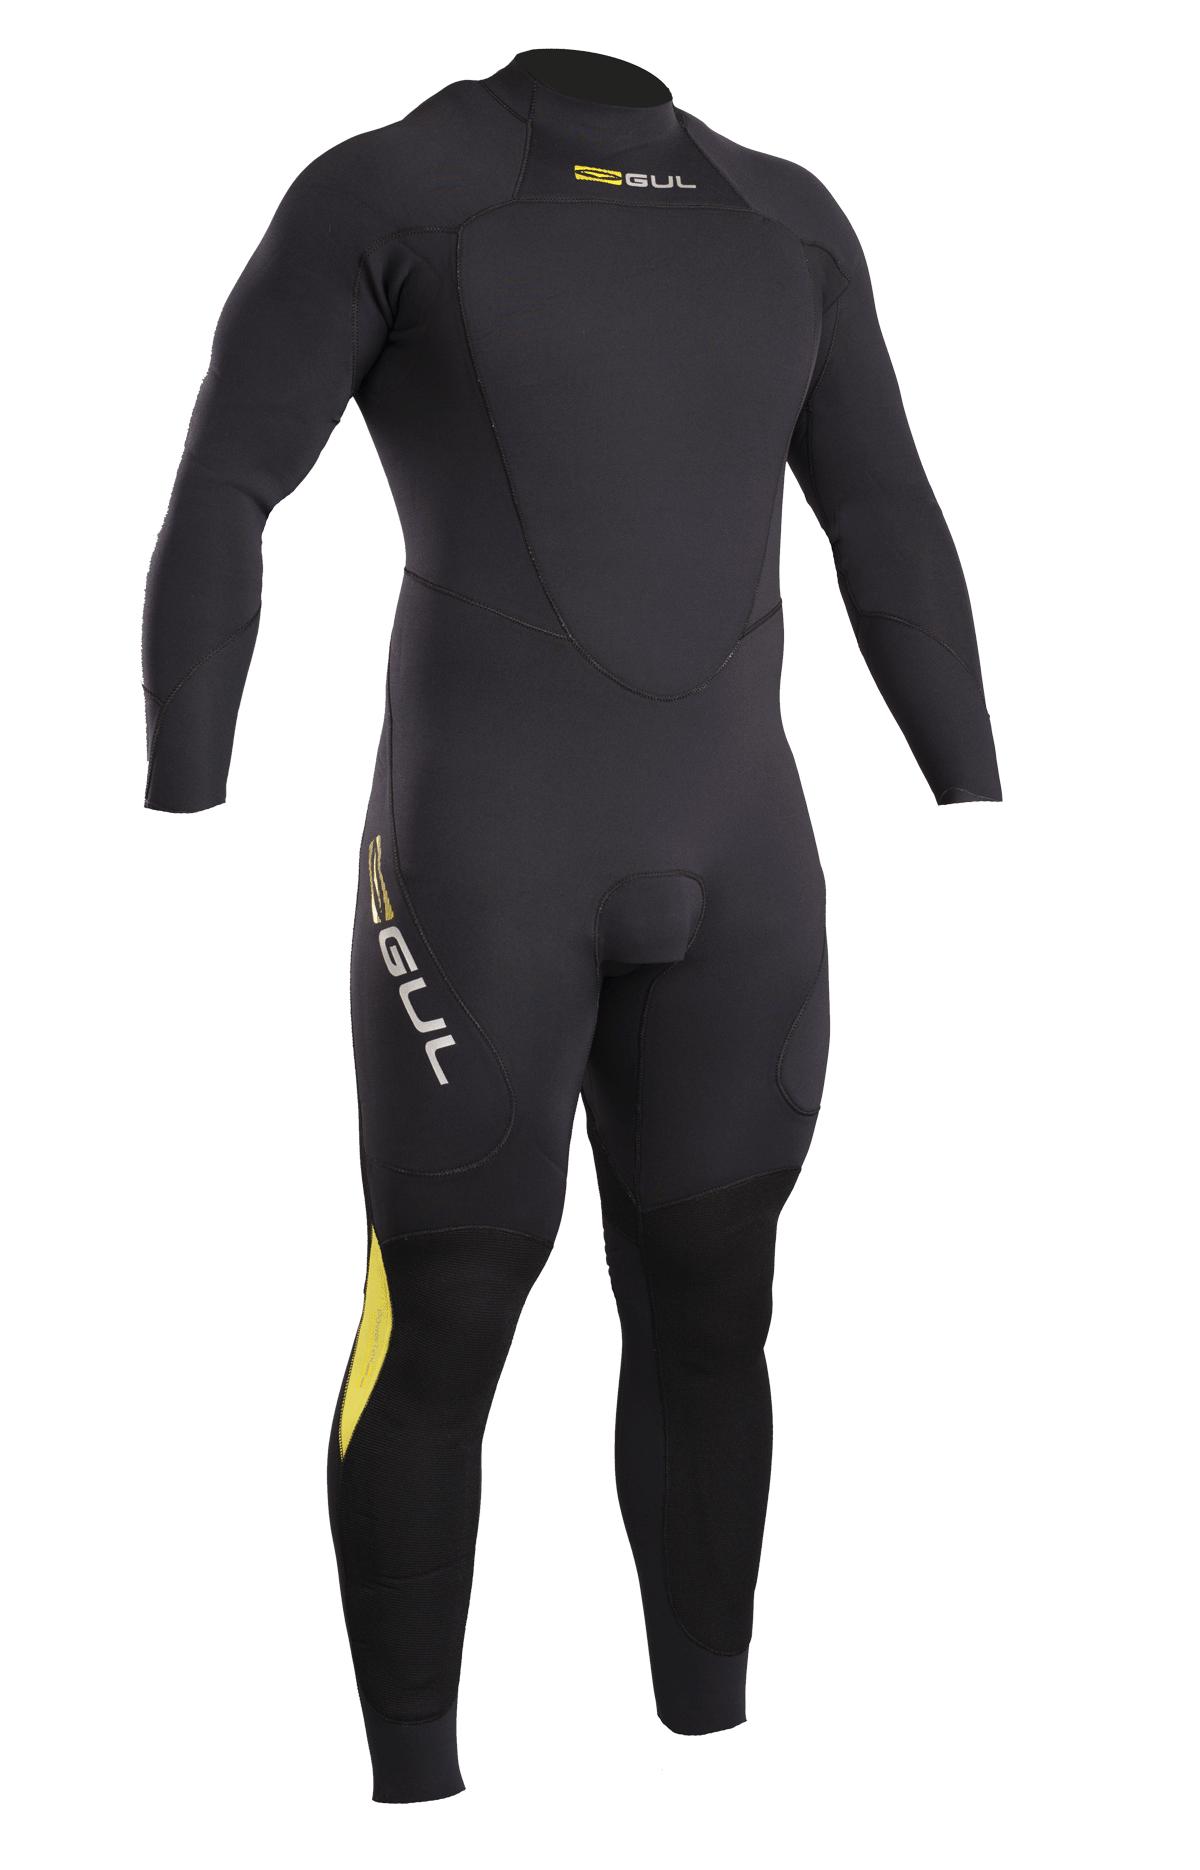 Gul Code Zero Mens 4/3mm Bs Wetsuit   Cz1201-B2